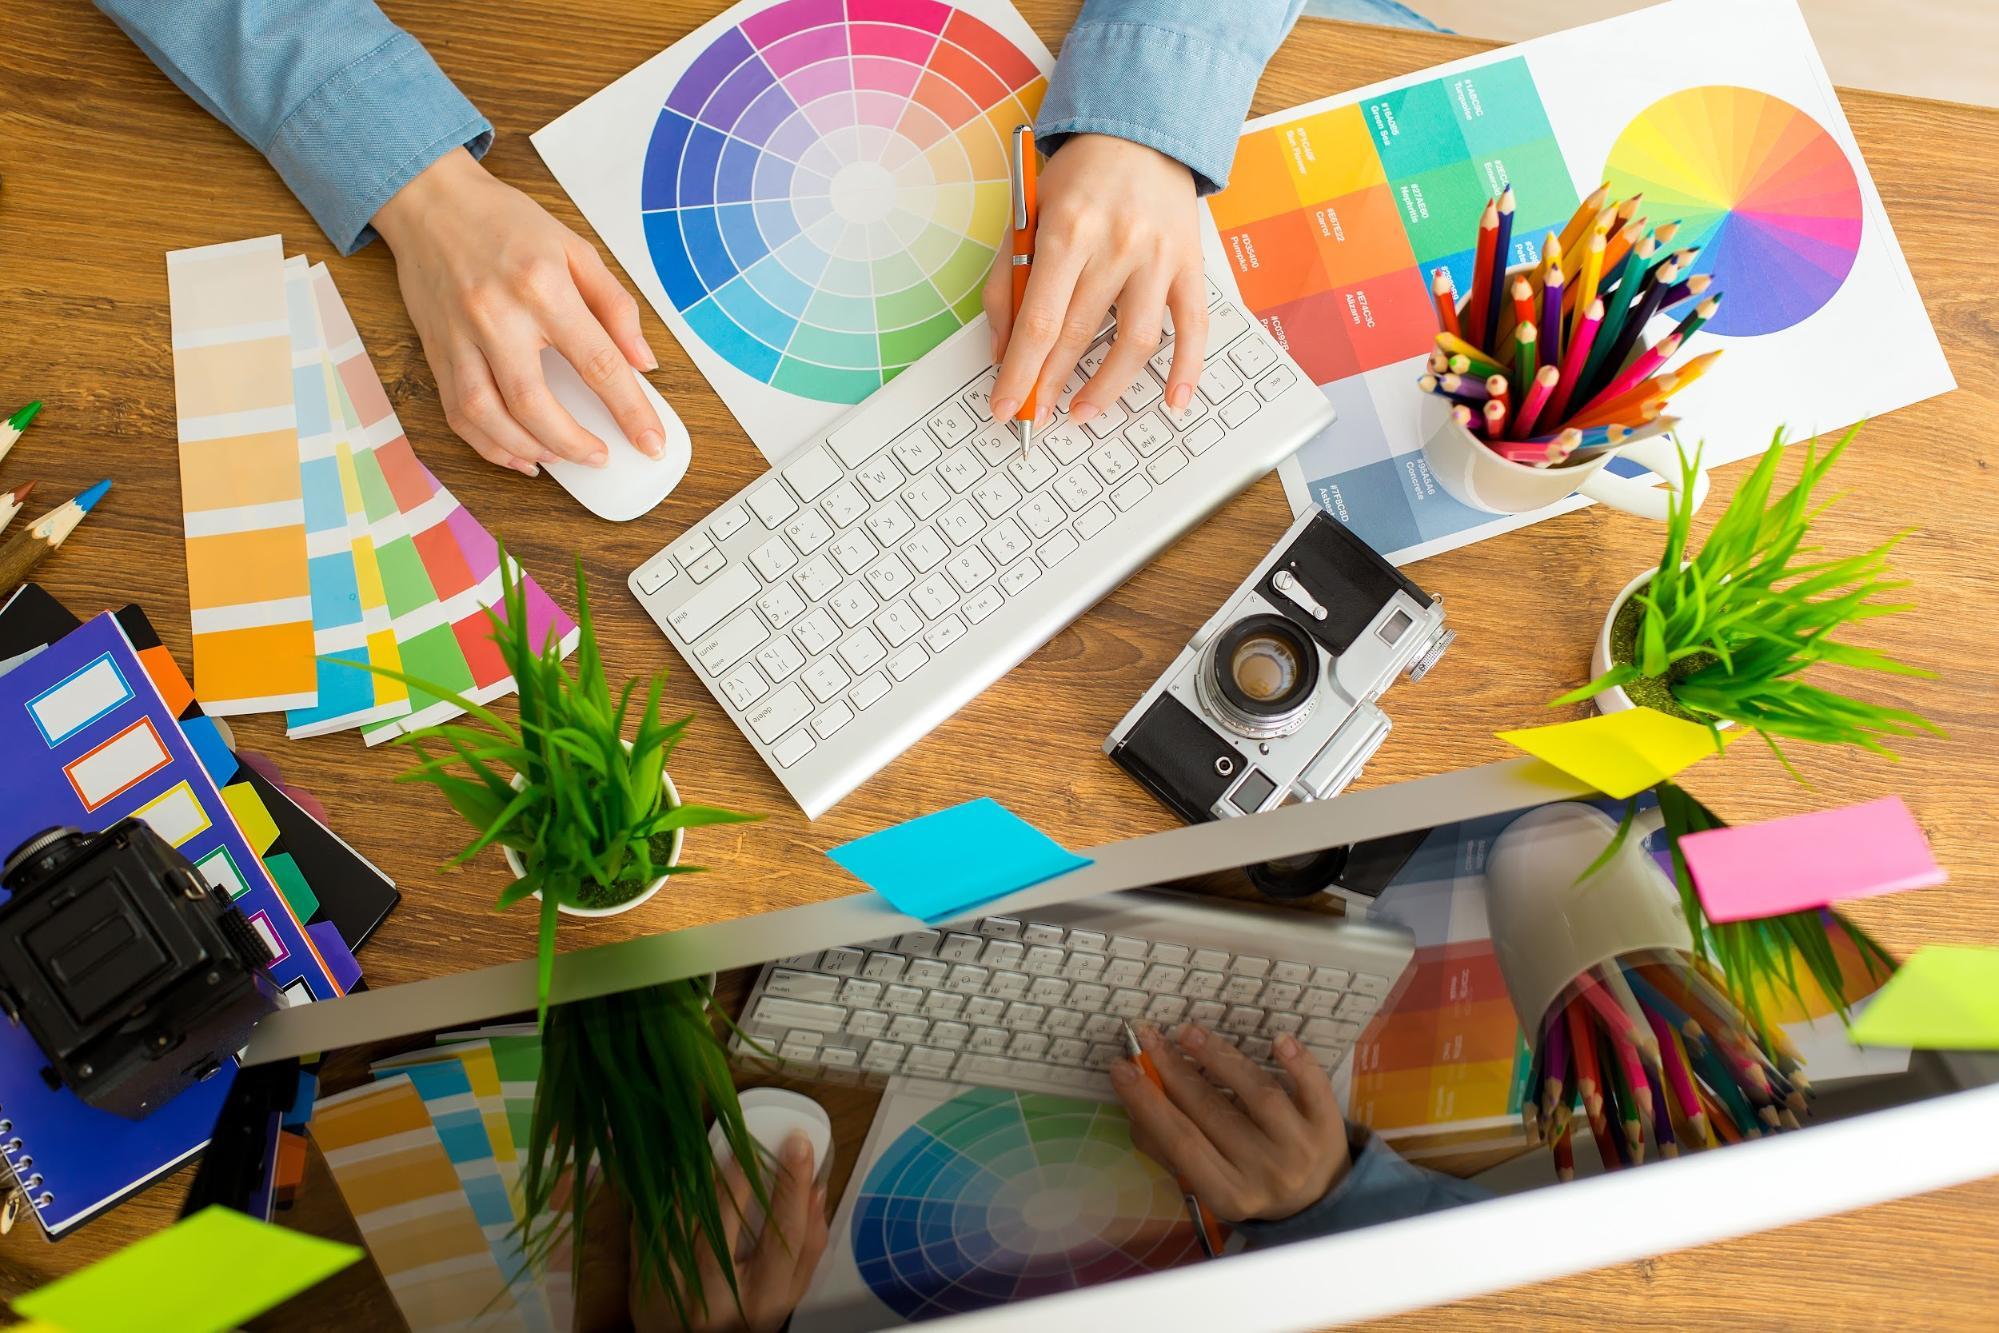 Дизайн-макет для вашего веб-сайта: в мастерской у дизайнера